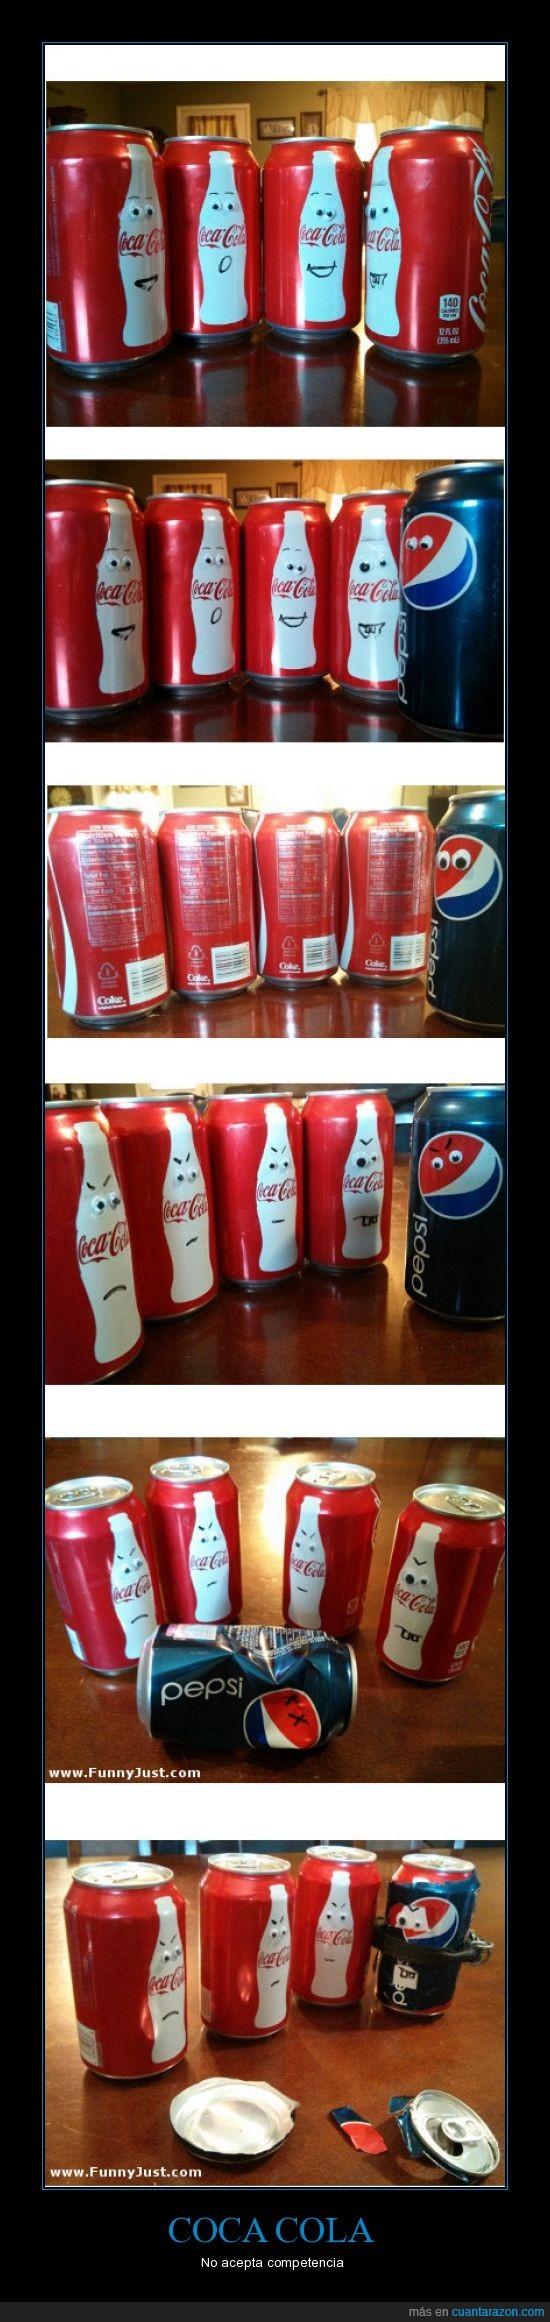 agresiva,coca cola,latas,pepsi